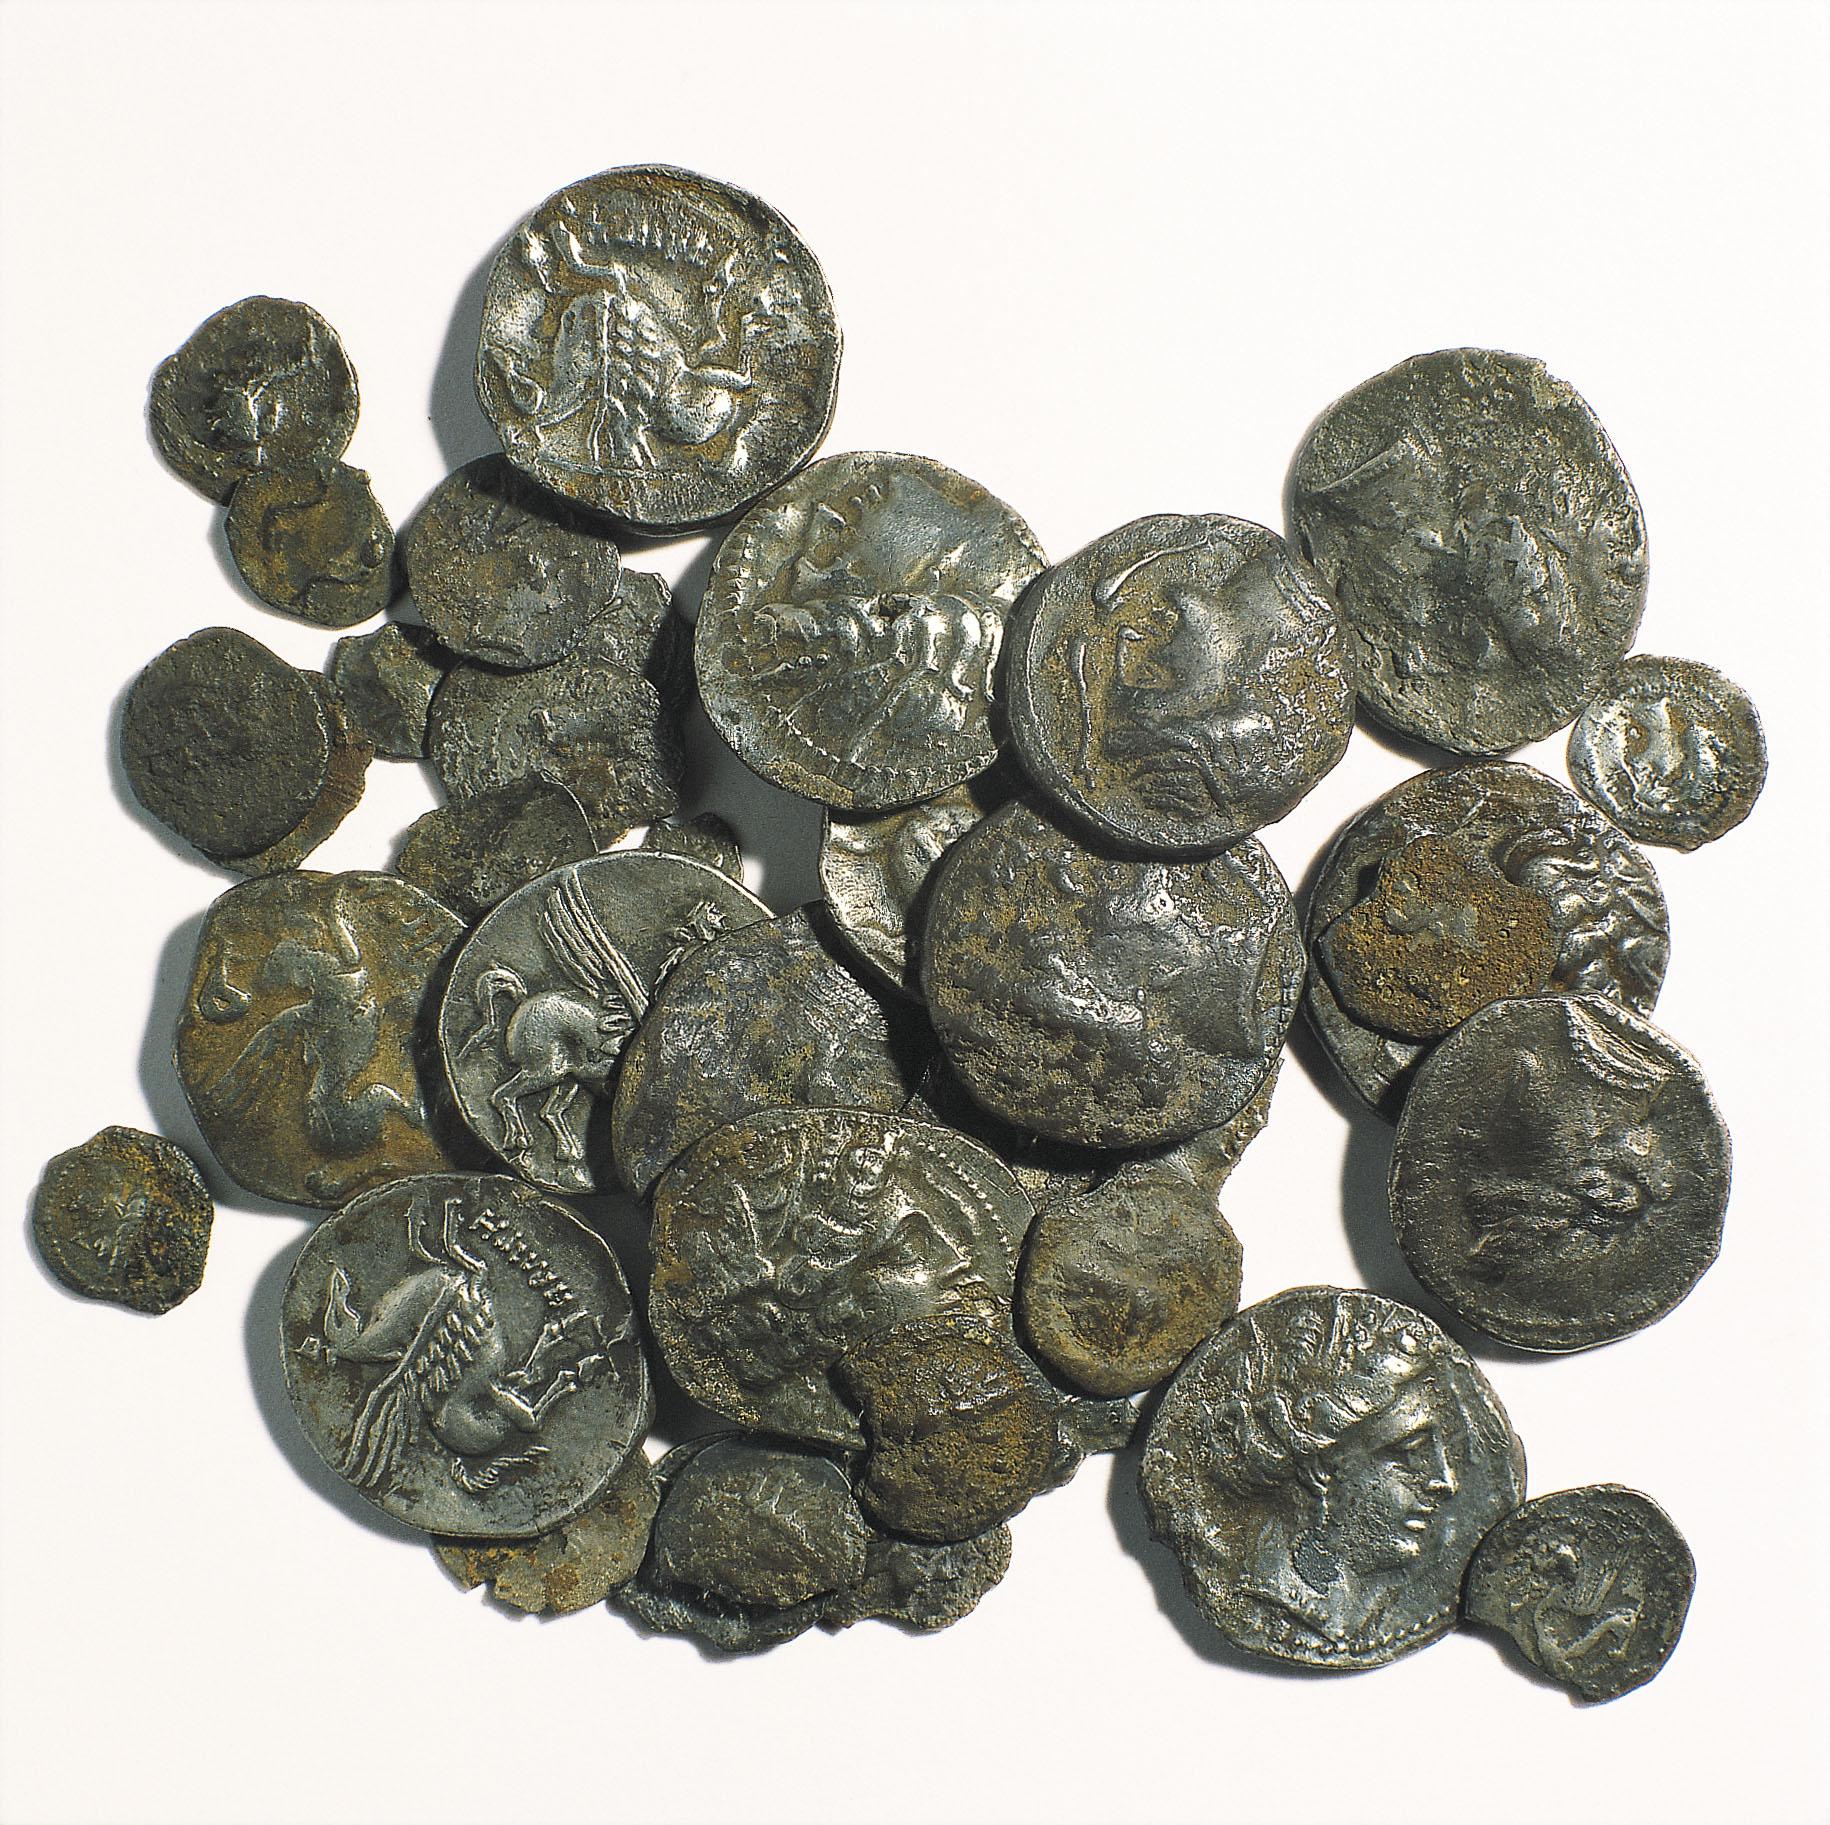 Diverses autoritats - Tresor de Puig Castellar - Finals del segle III aC